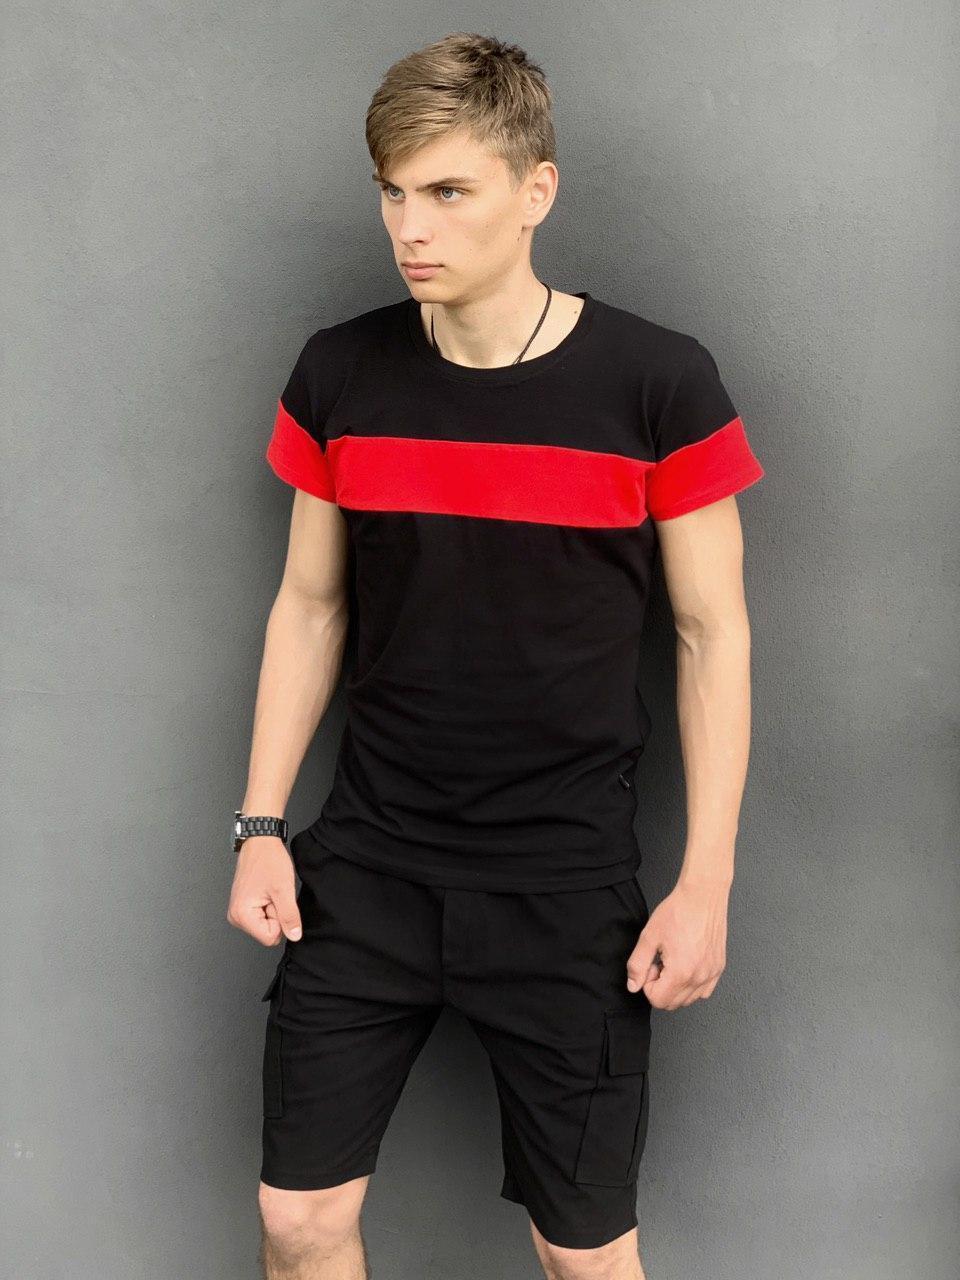 """Футболка """"Color Stripe"""" черная - красная + Шорты Miami Черные Intruder. Комплект летний мужской"""